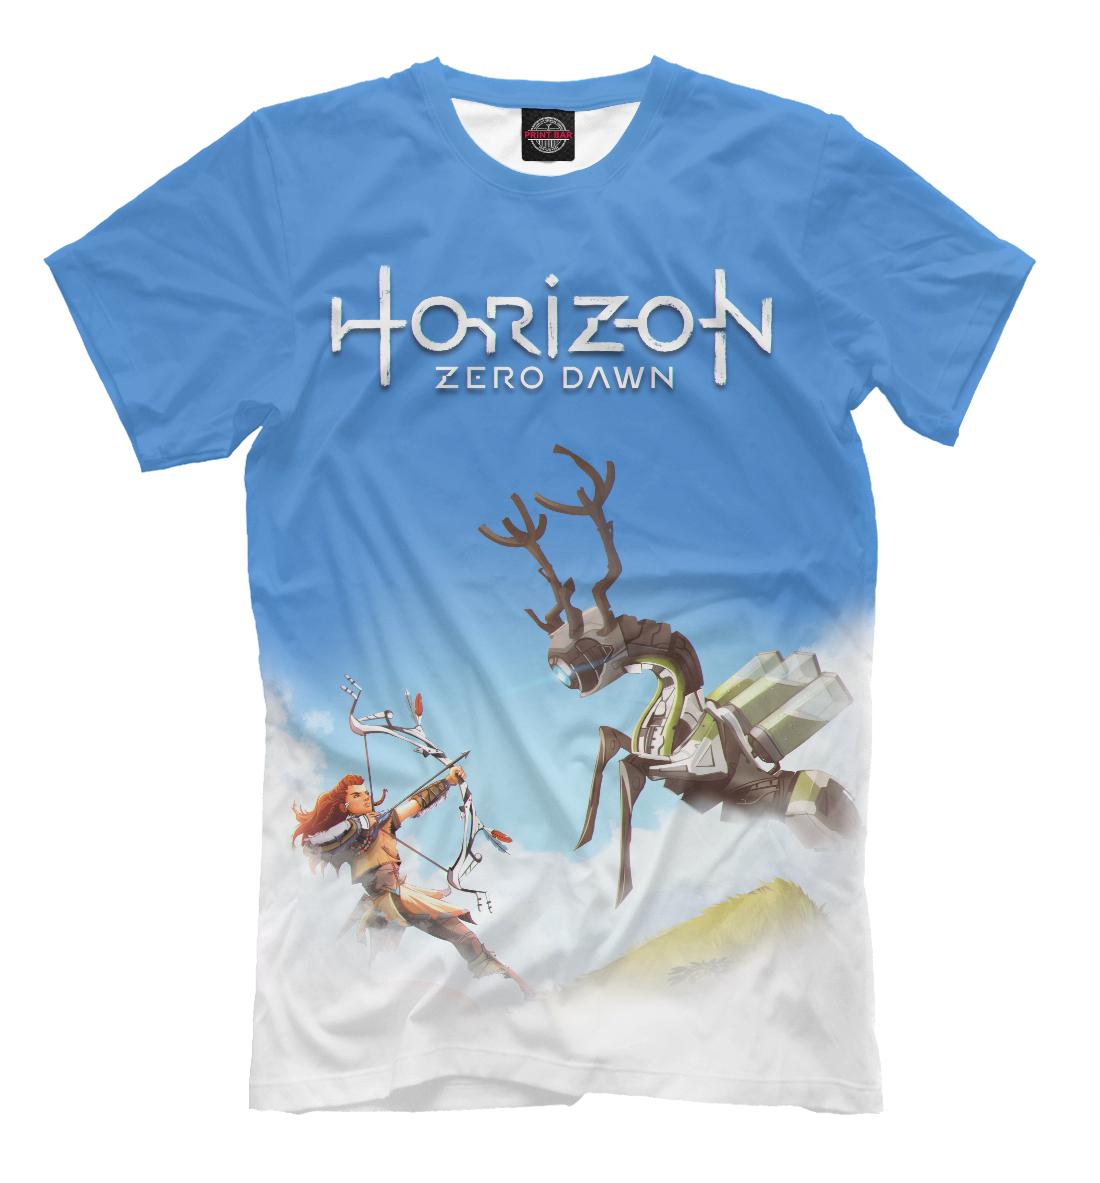 футболка horizon zero dawn vast lands белая xl Horizon Zero Dawn